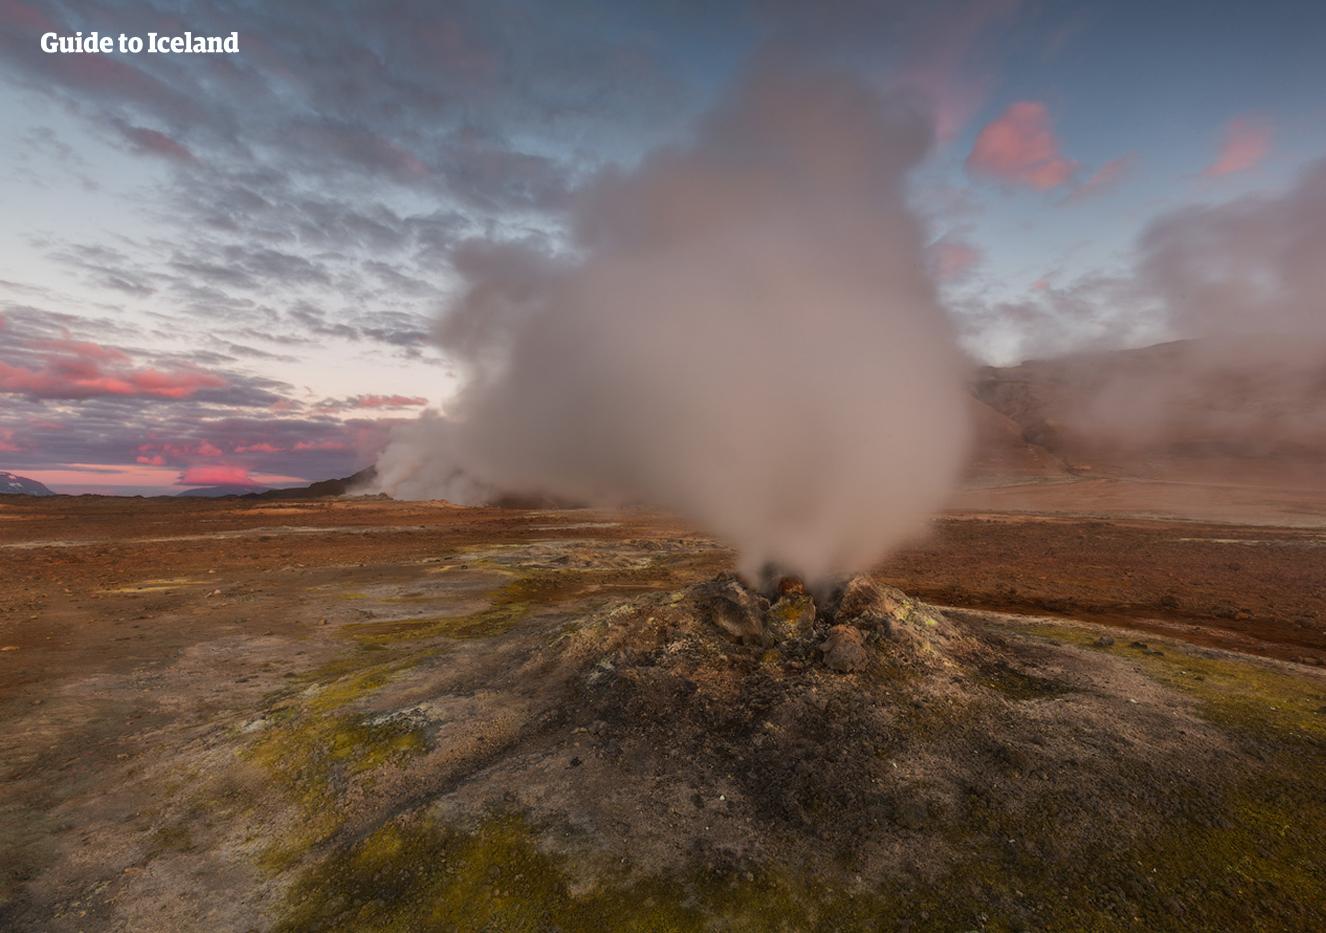 冰岛北部米湖地区的Námaskarð地热区景色神奇